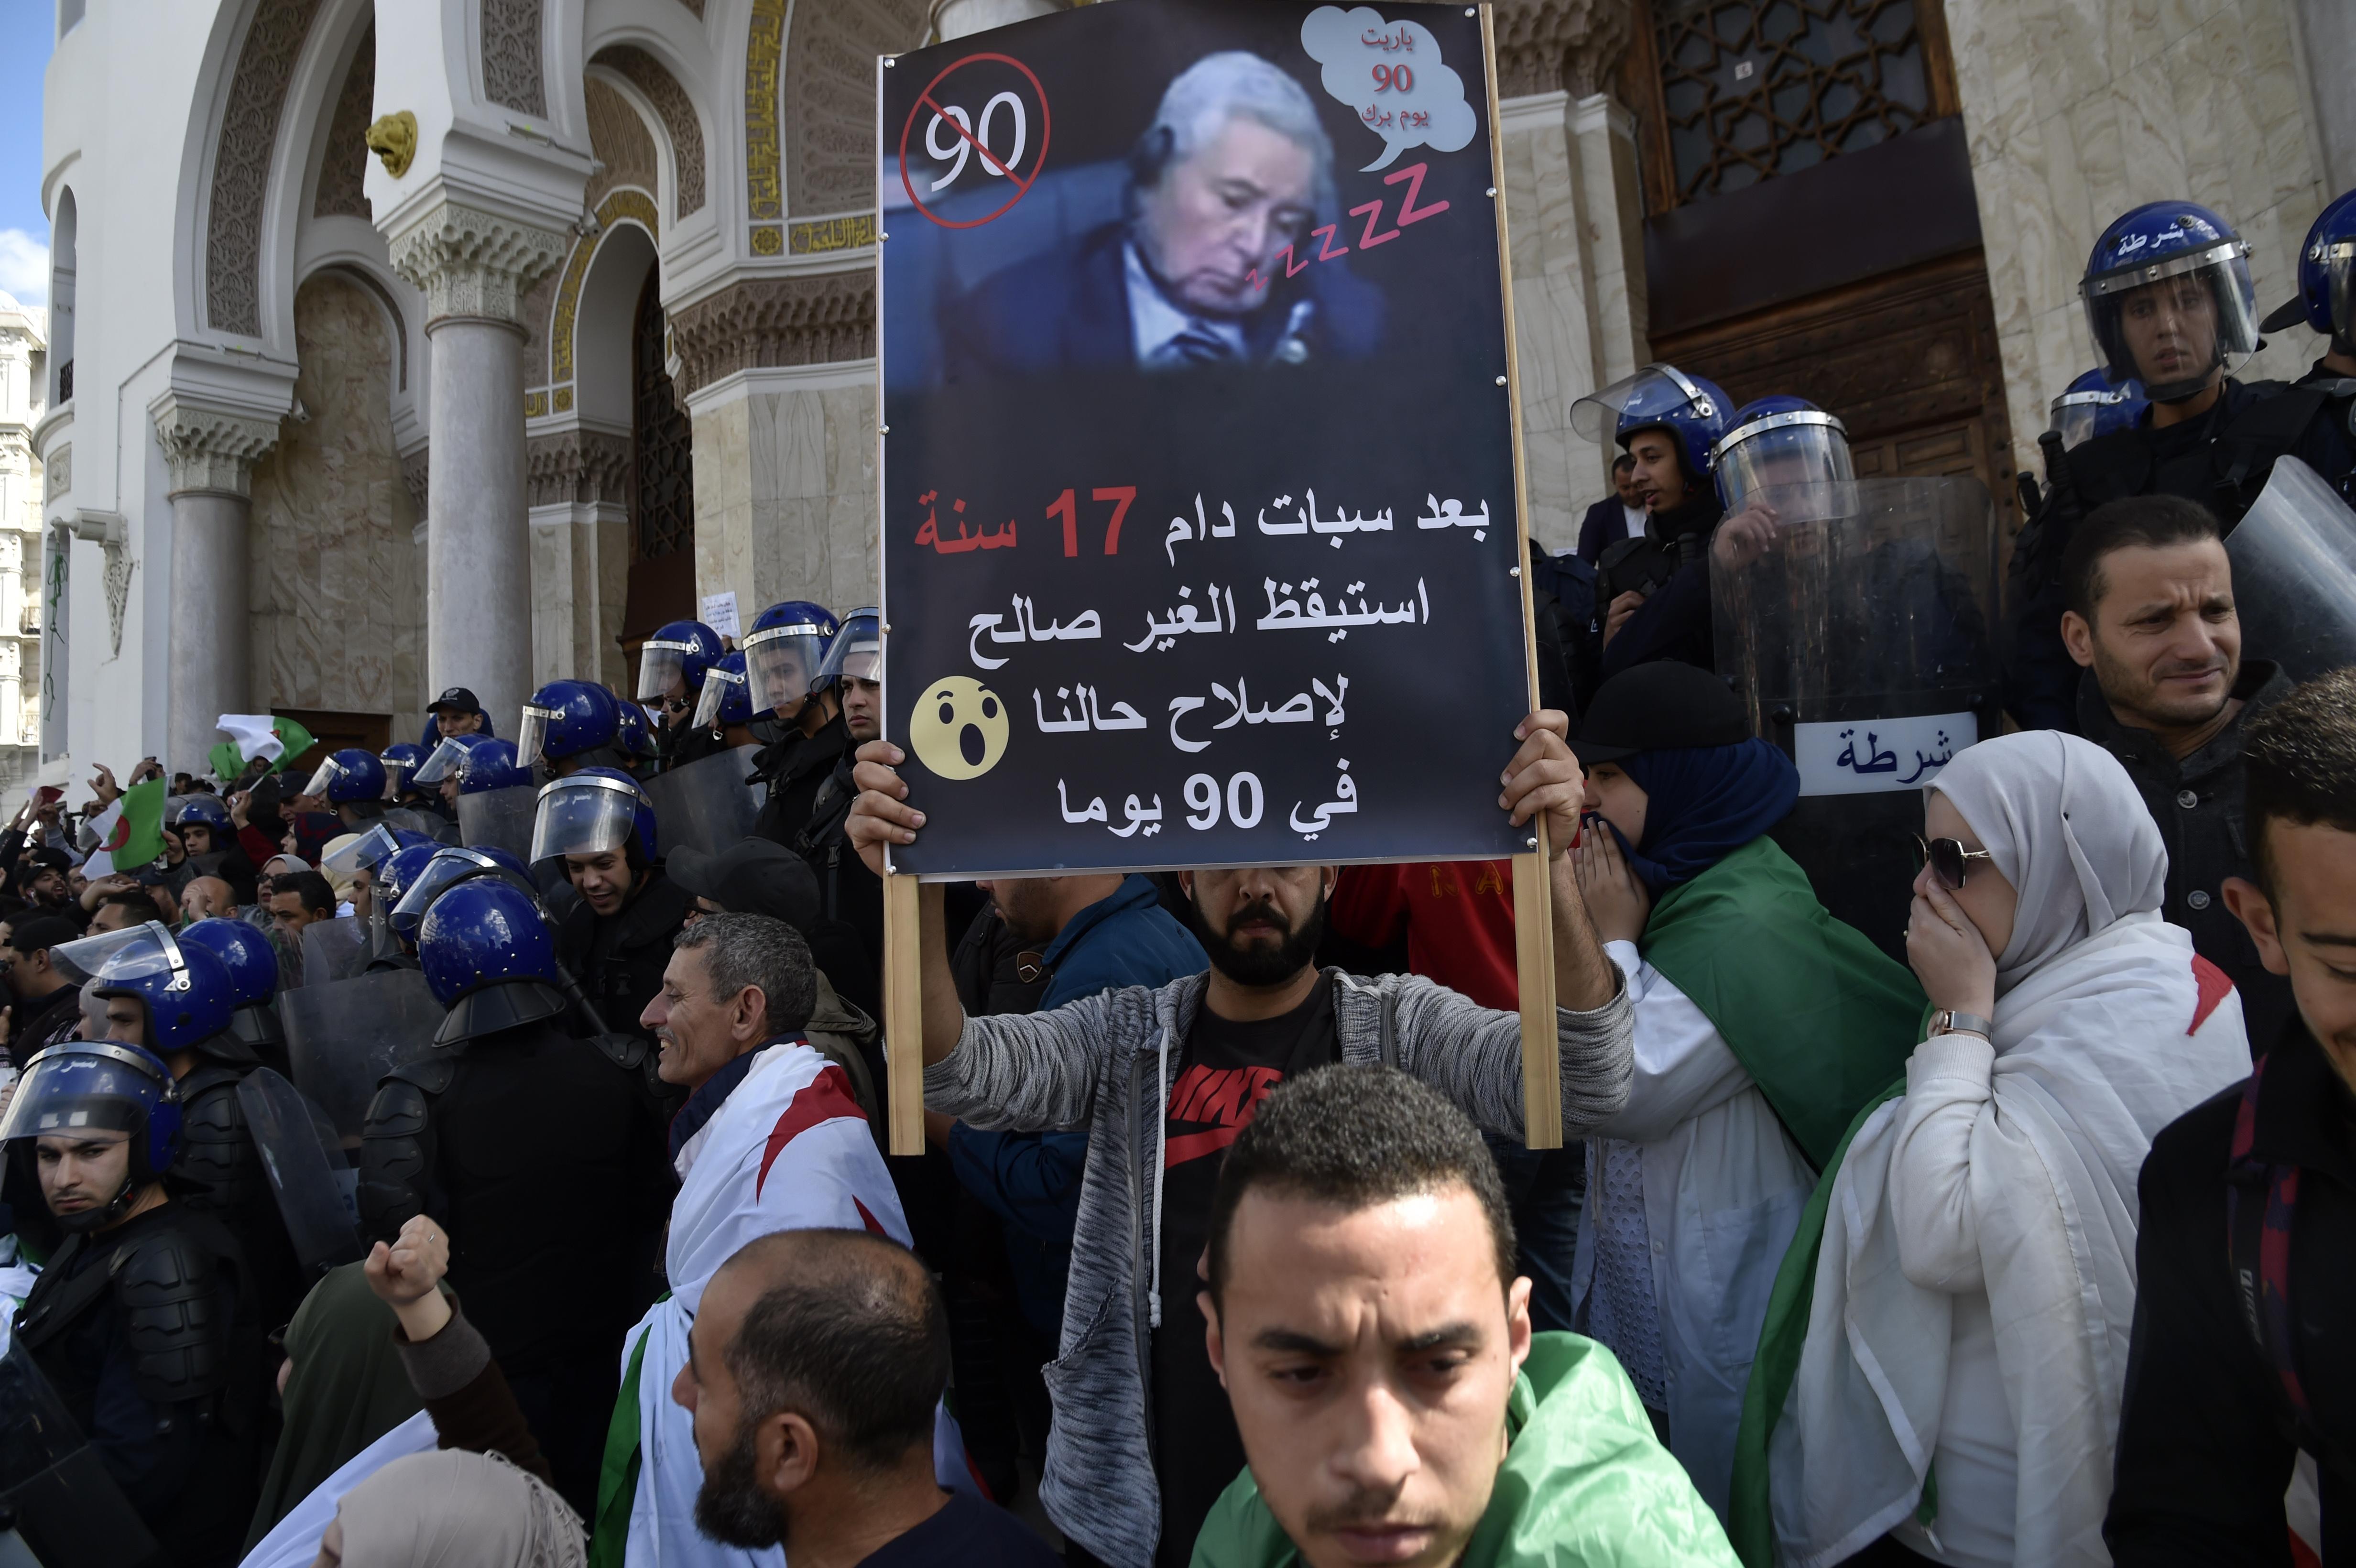 يافطة بالجزائر تعبيرا عن رفض الشعب لعبد القادر بن صالح لقيادة المرحلة الانتقلية